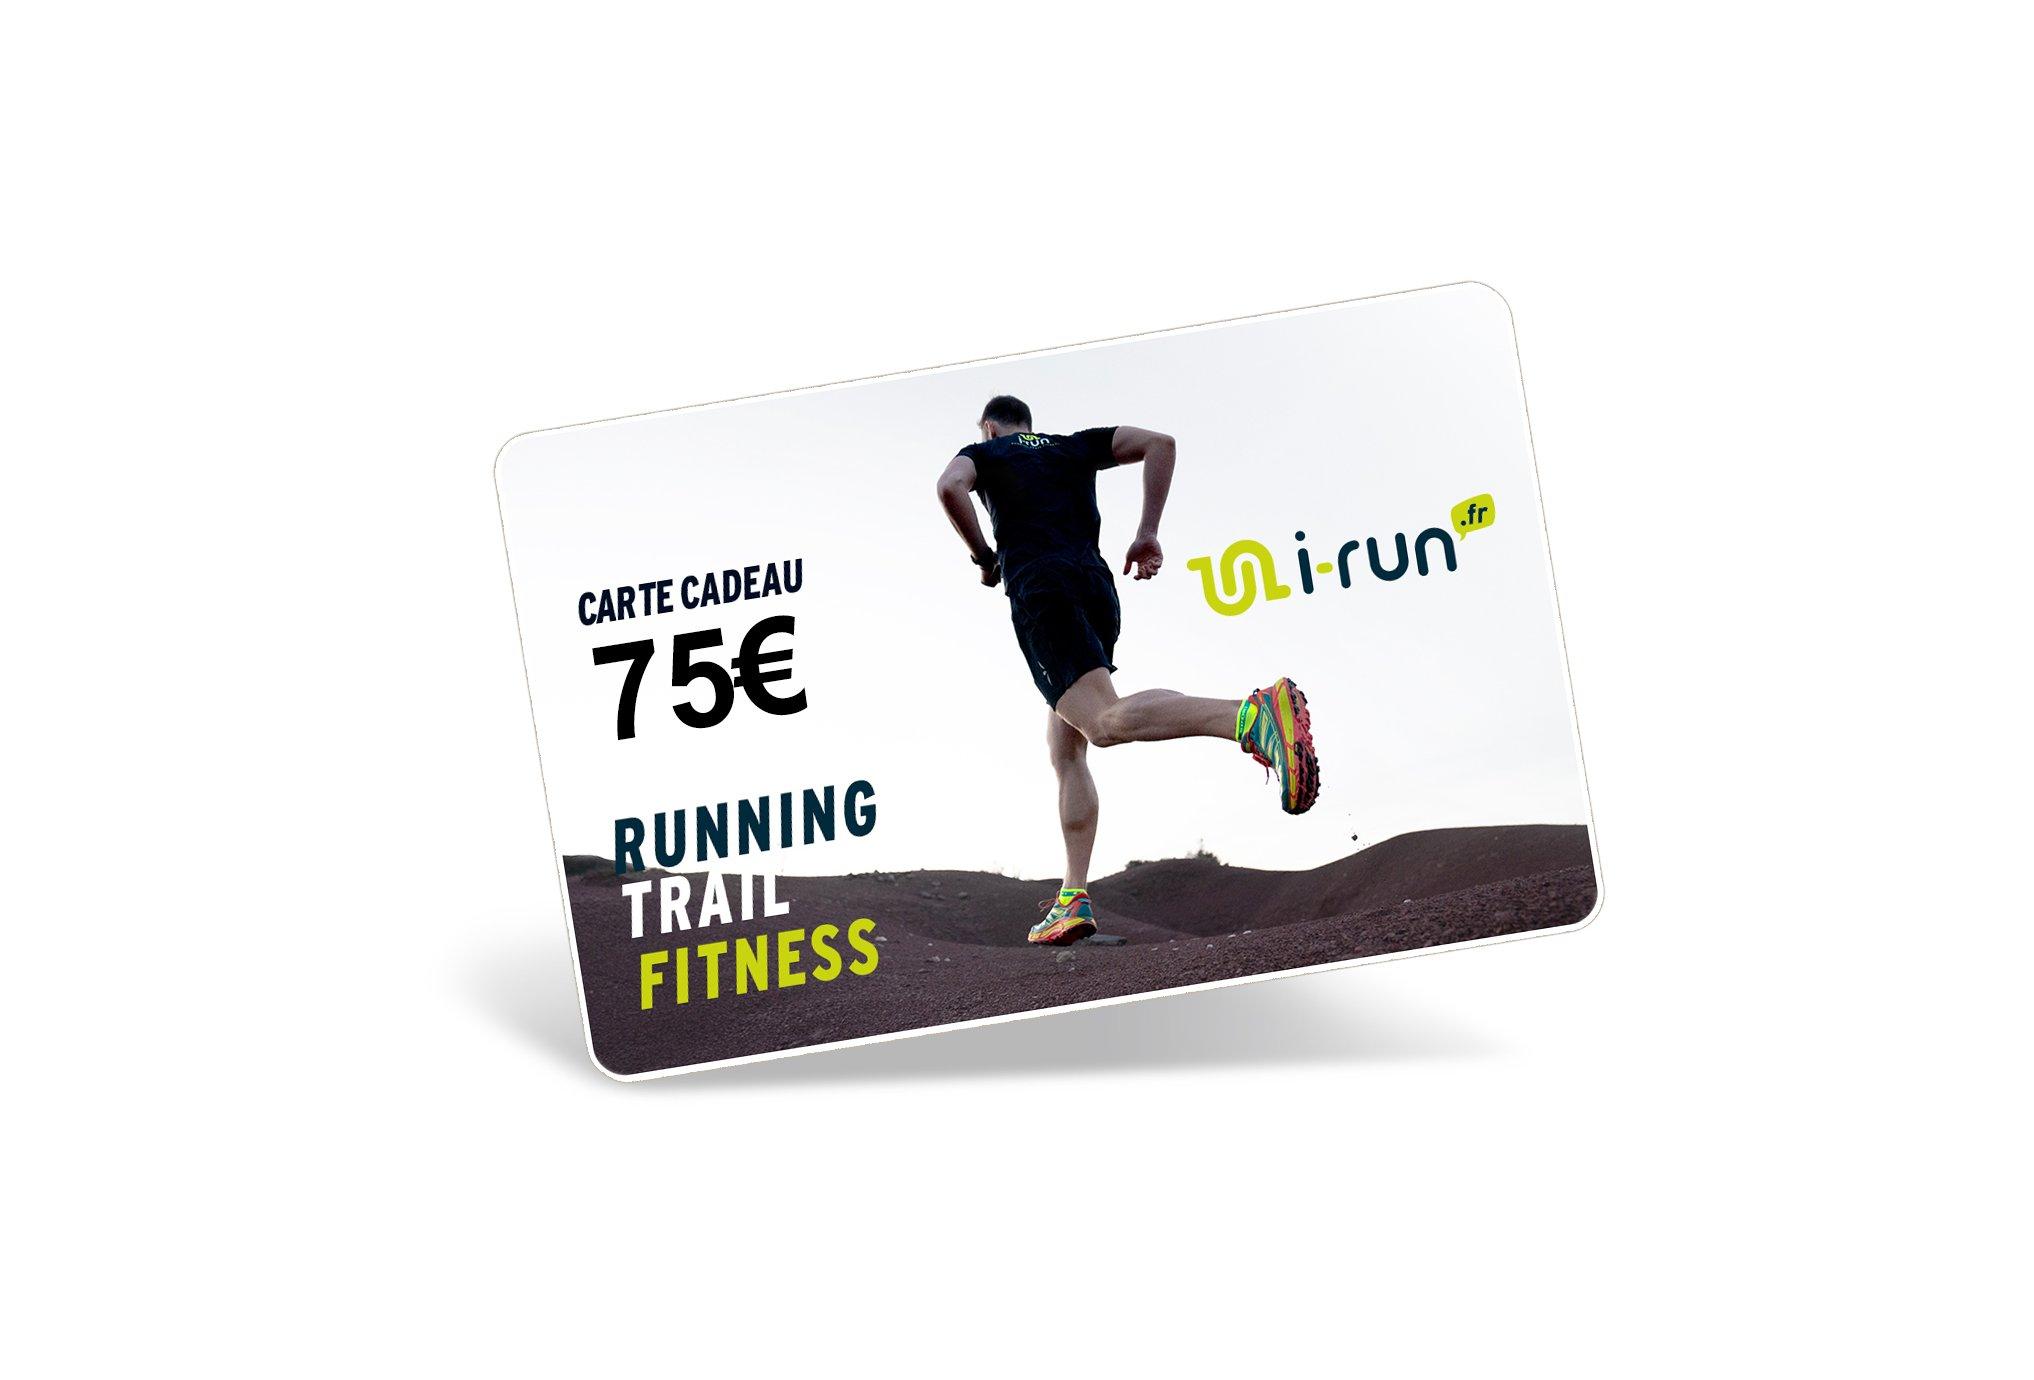 i-run.fr Carte Cadeau 75 M Cartes Cadeau